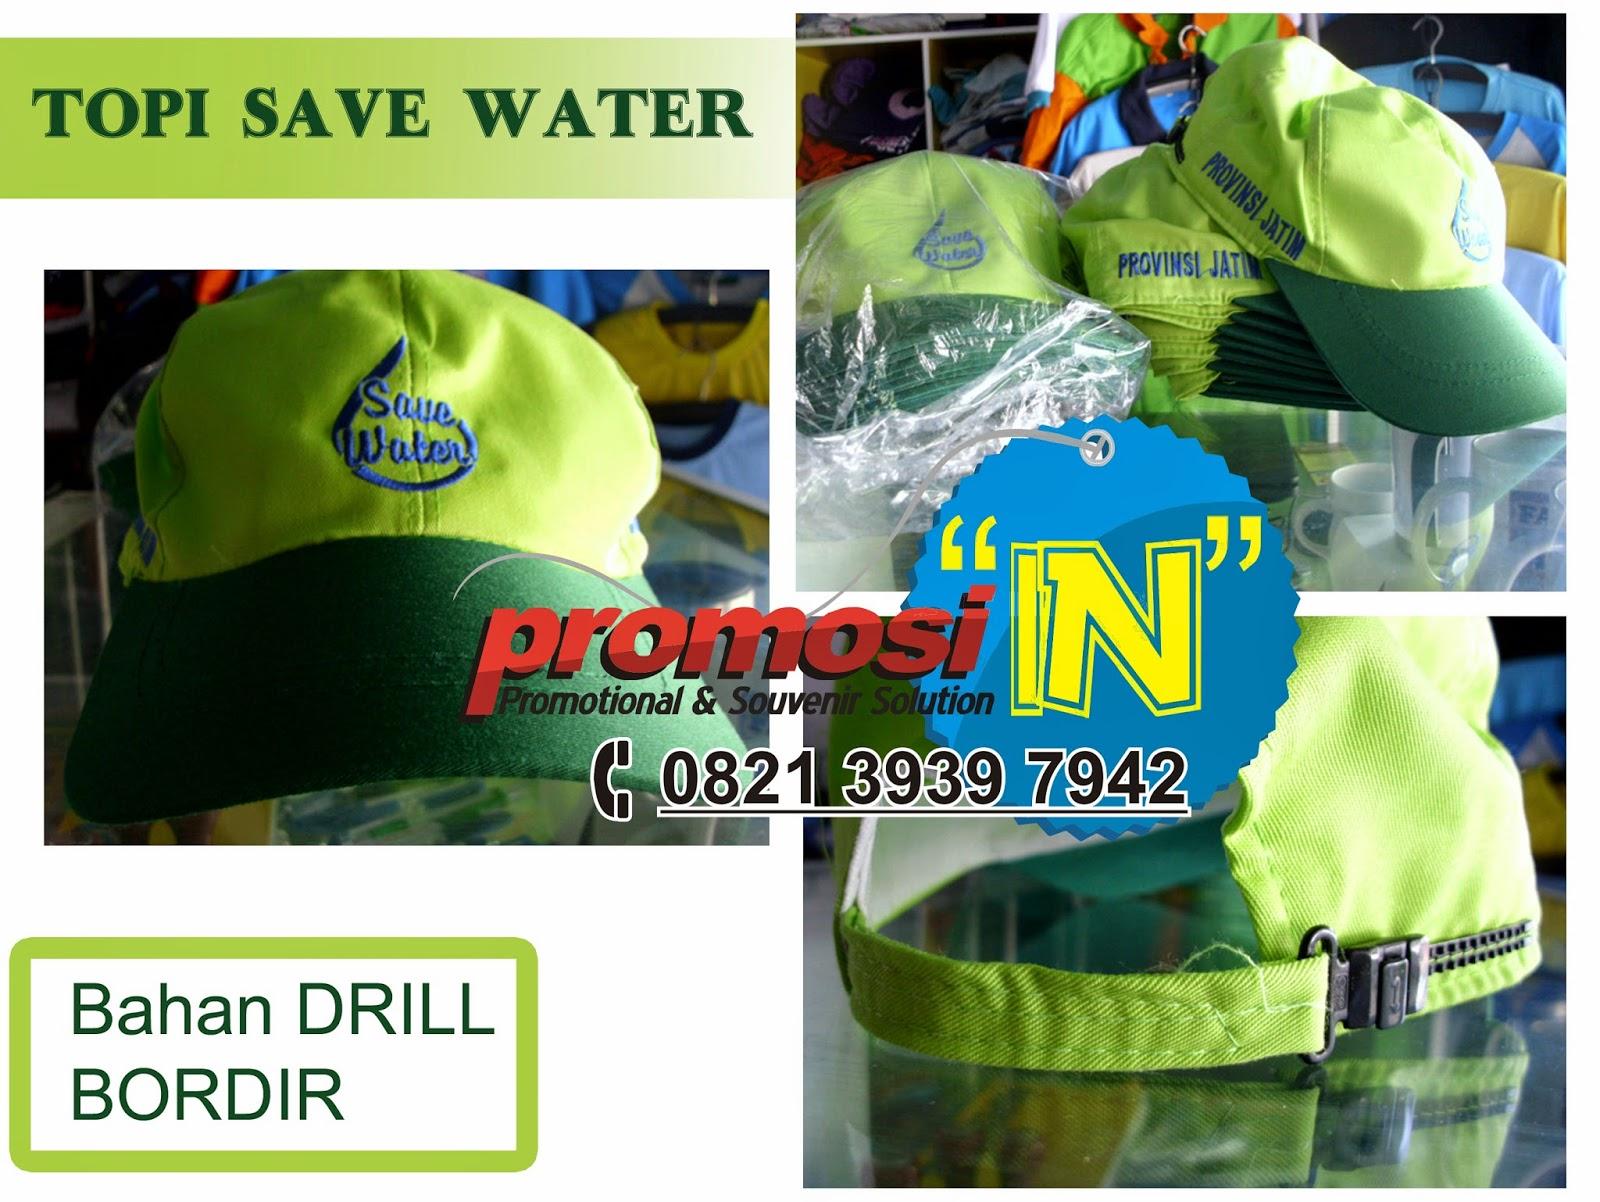 Distributor Topi Perusahaan, Topi, Topi Bludru, Topi Drill, Topi Promosi, Topi Souvenir,